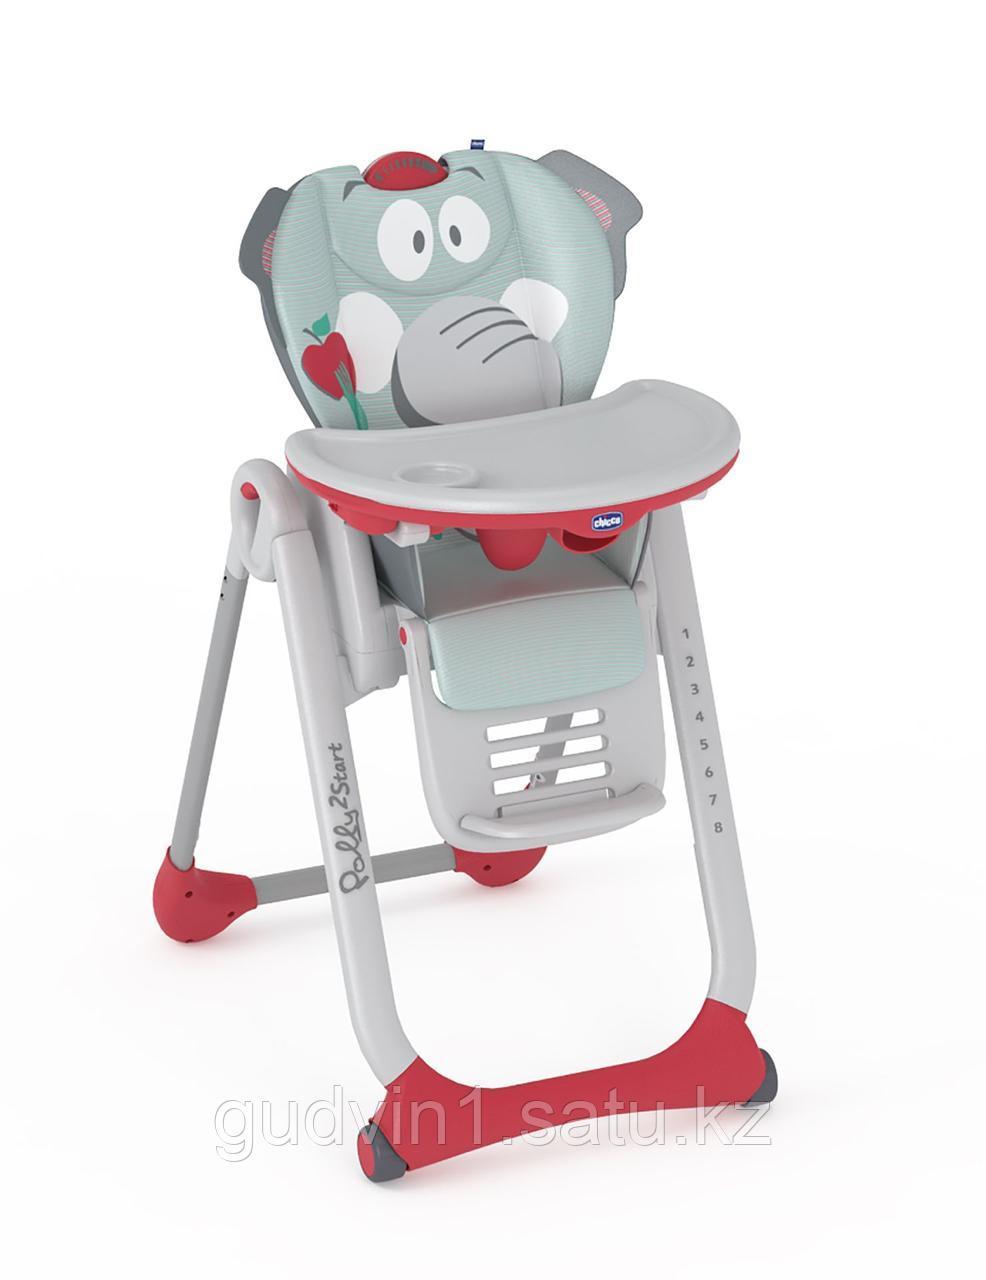 Chicco: Стульчик для кормления Polly 2 Start Baby Elephant 1034028